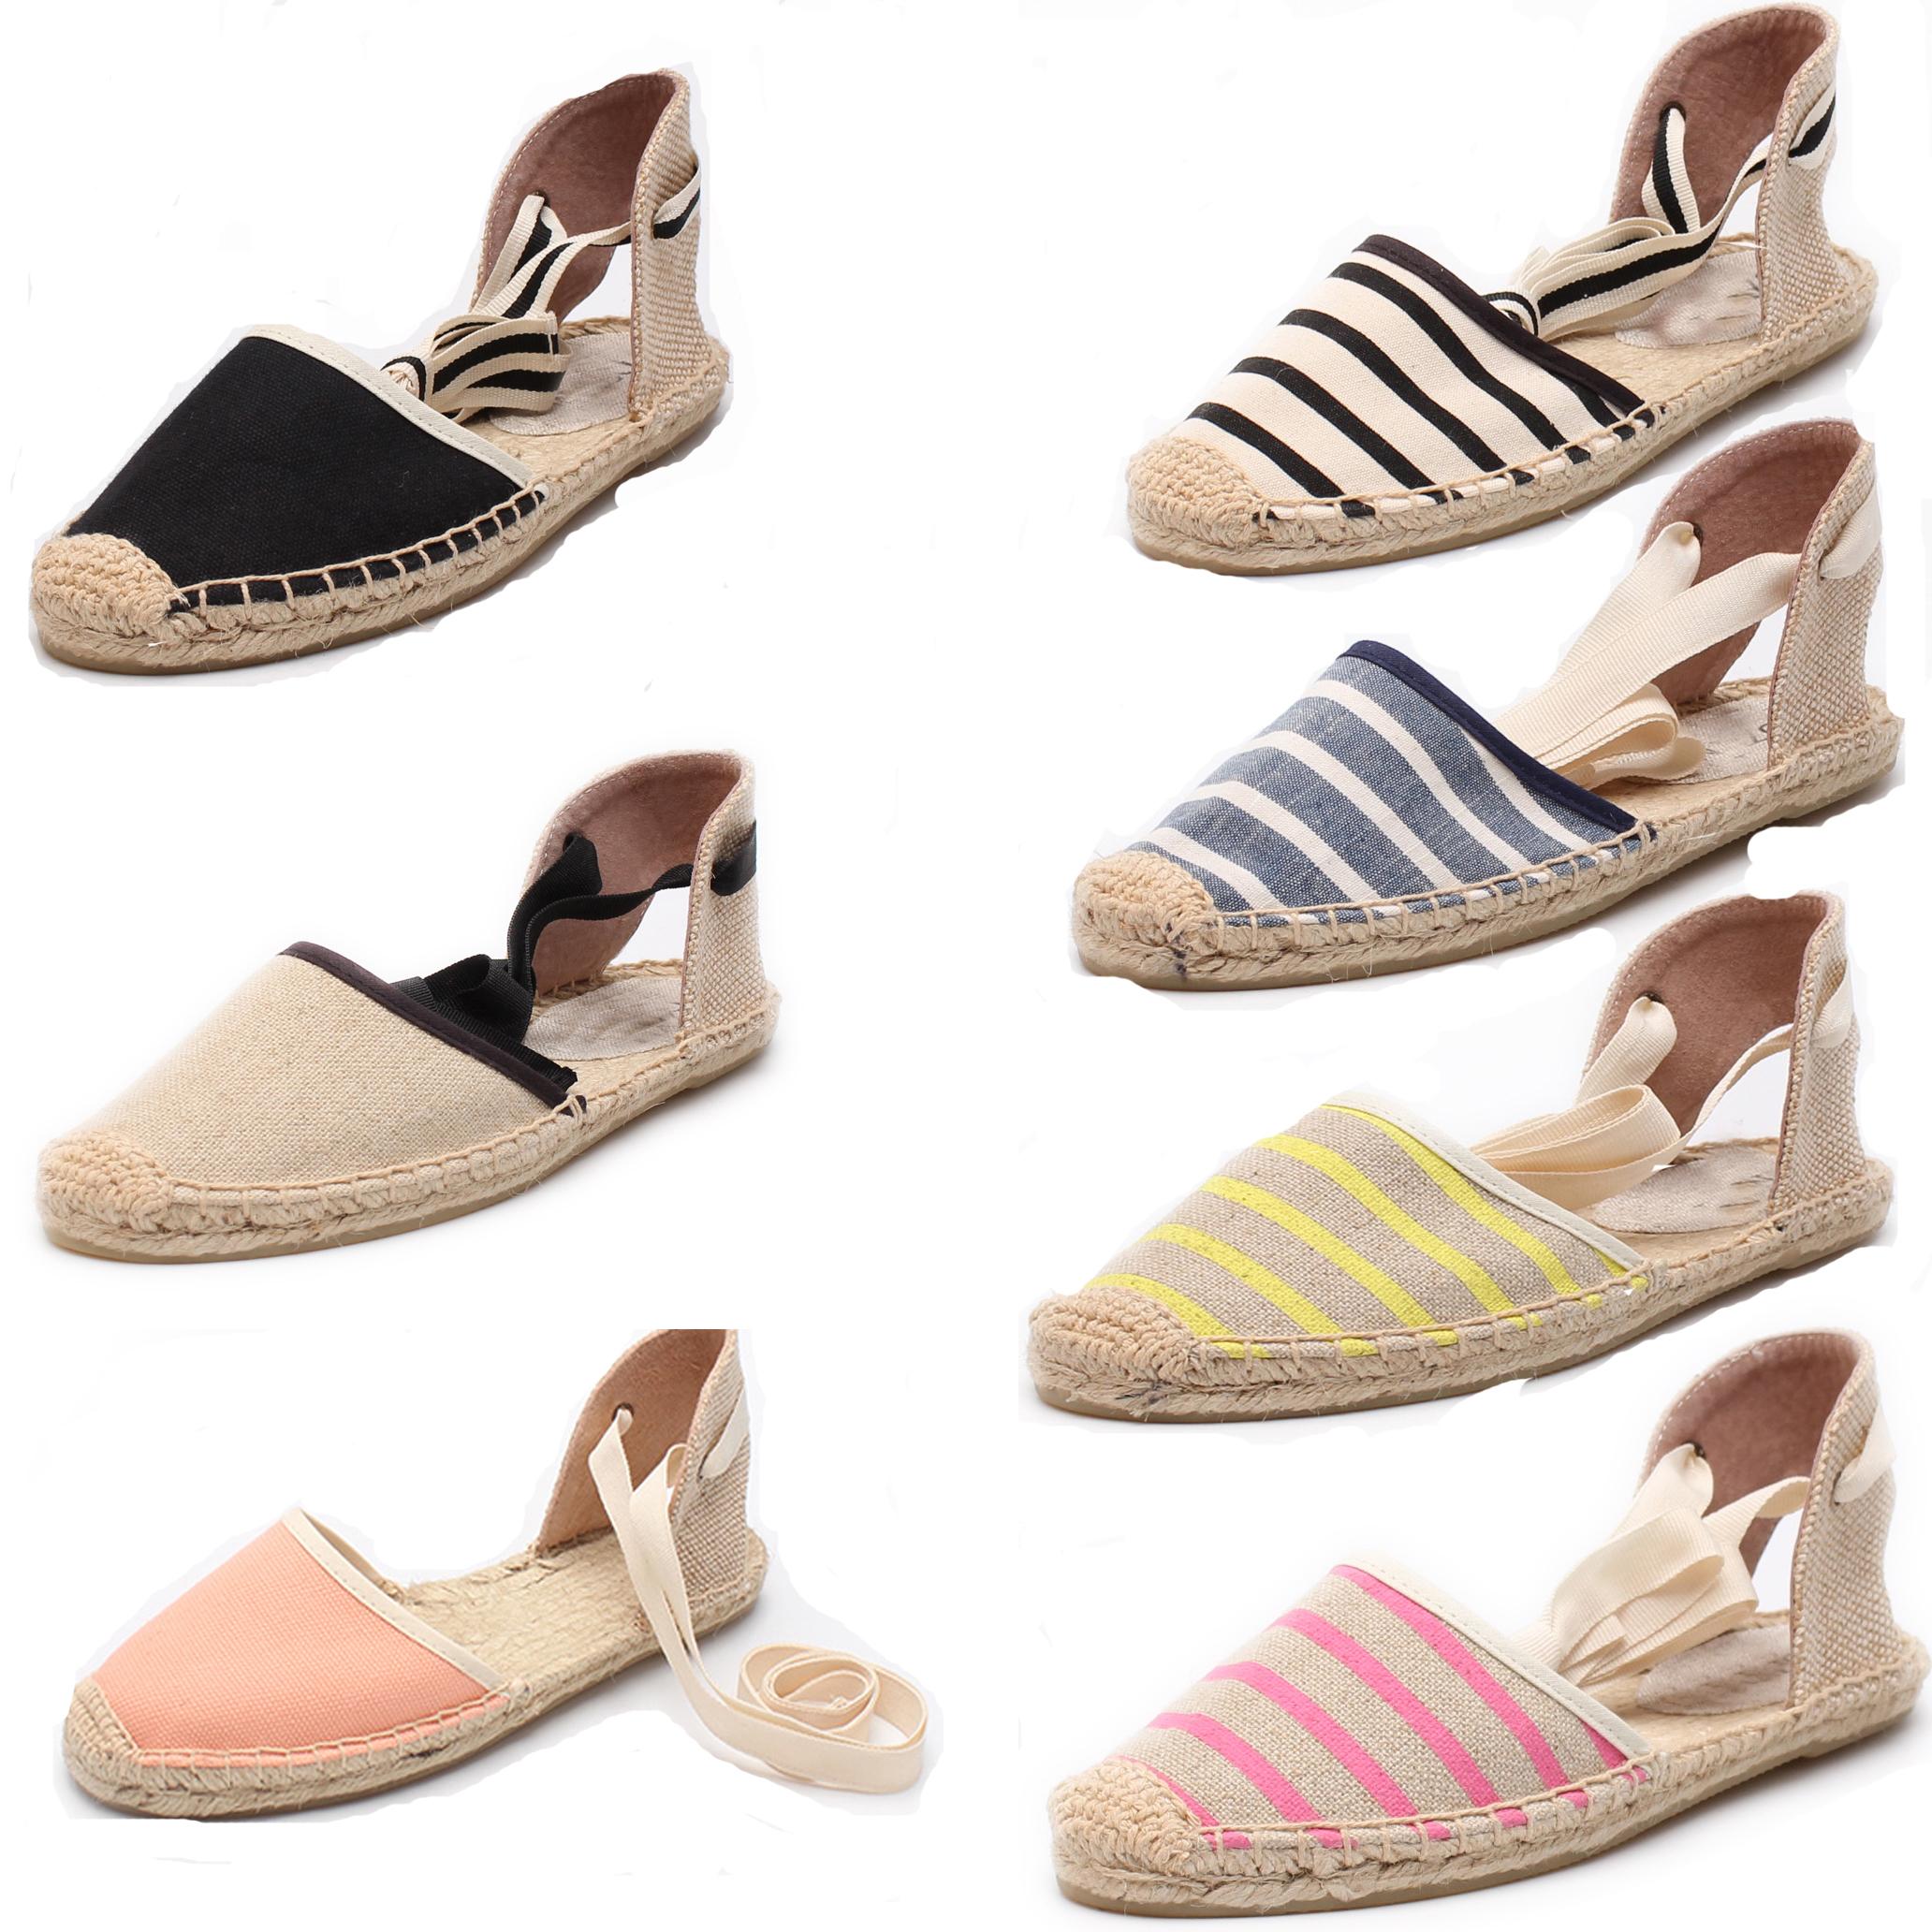 平底鞋 平底鞋凉鞋女夏麻底鞋脚踝绑带黑白条纹系带女单鞋帆布草编渔夫鞋_推荐淘宝好看的女平底鞋